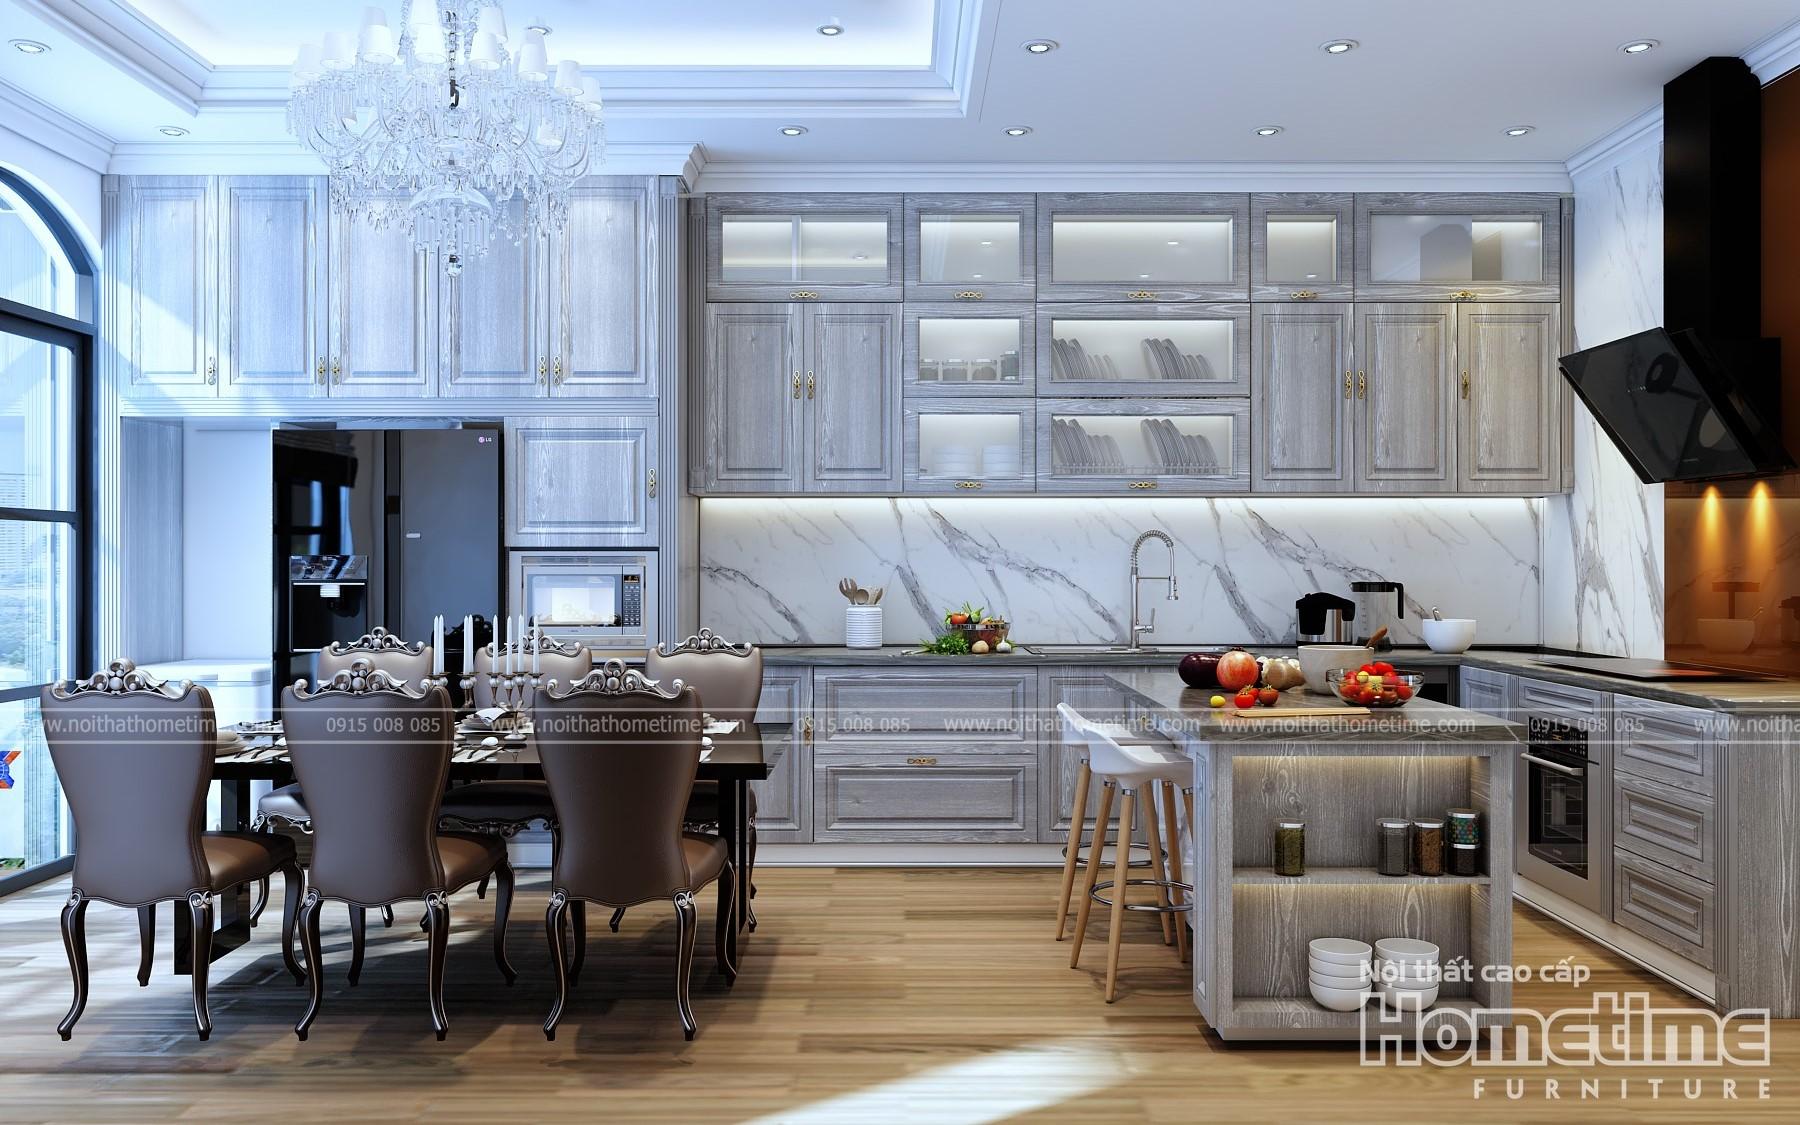 Thiết kế nội thất tủ bếp sang trọng hiện đại